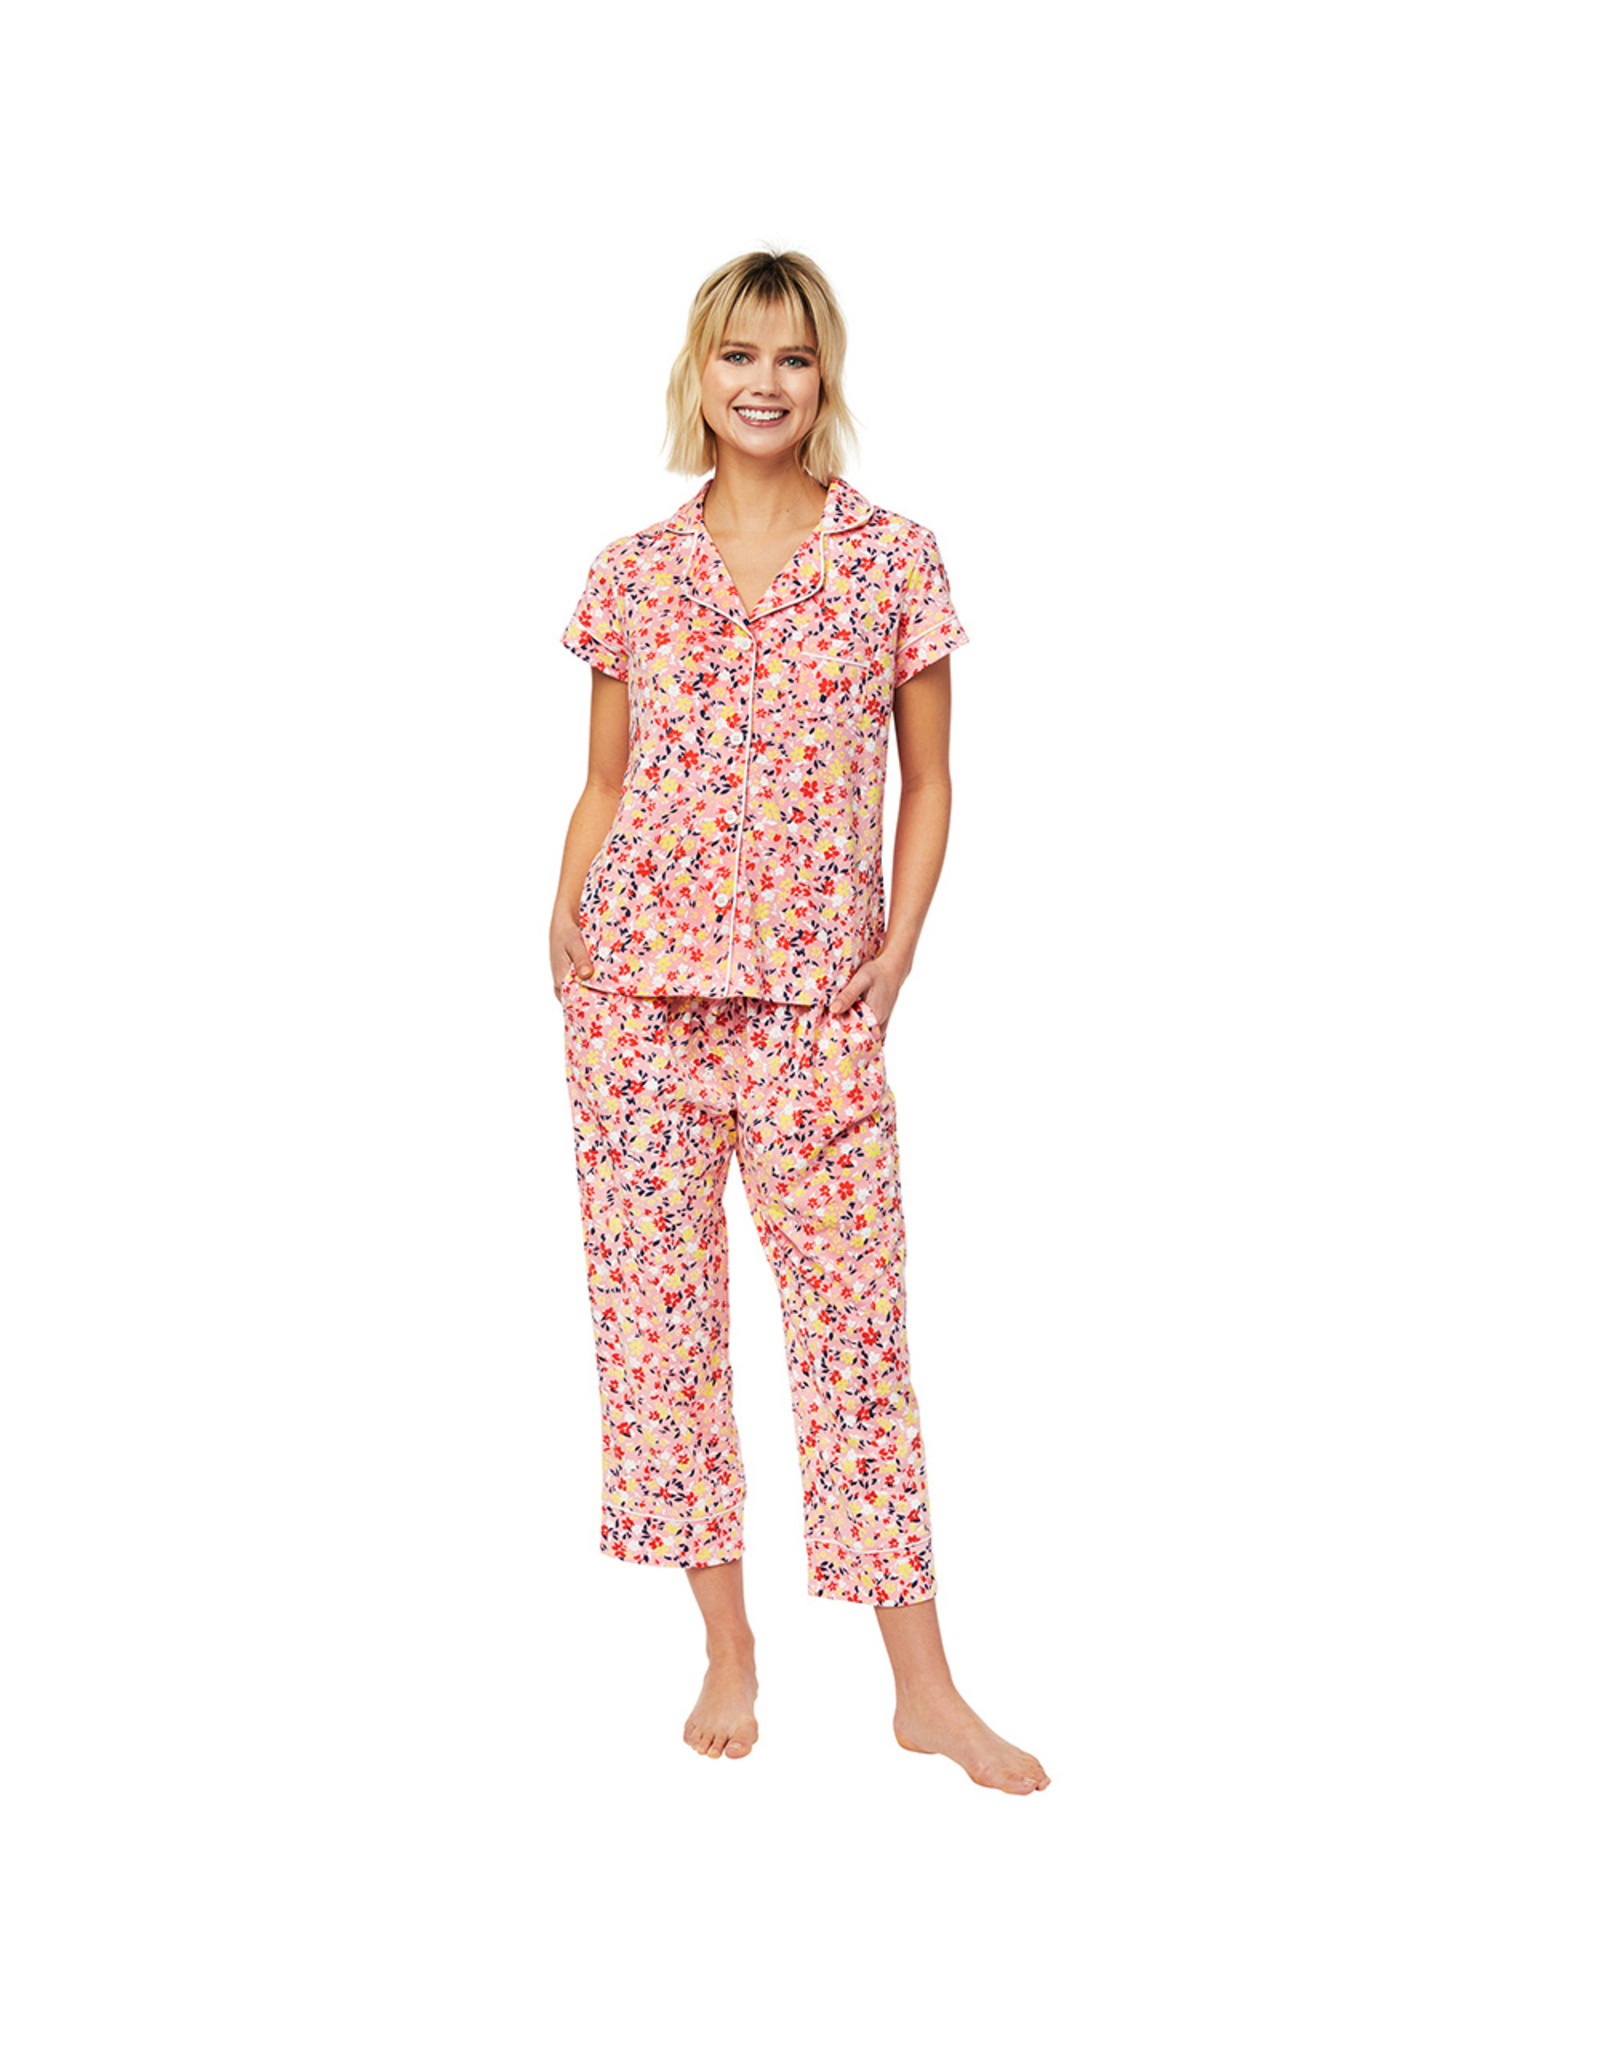 Cat's Pajamas Sunday Knit Capri